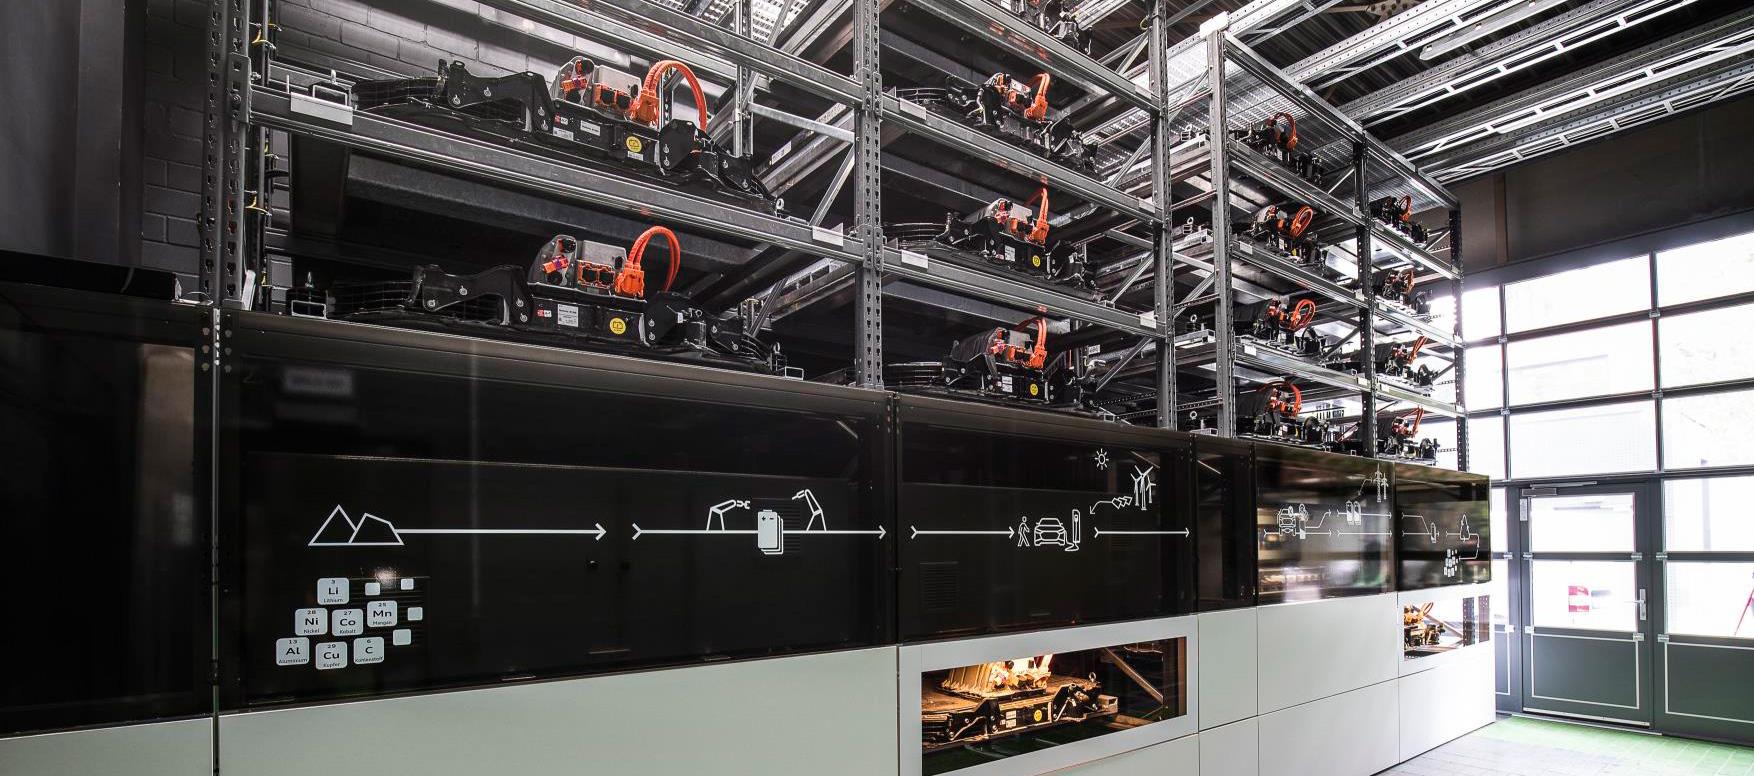 Se pone en marcha la unidad de almacenamiento de baterías de AUDI